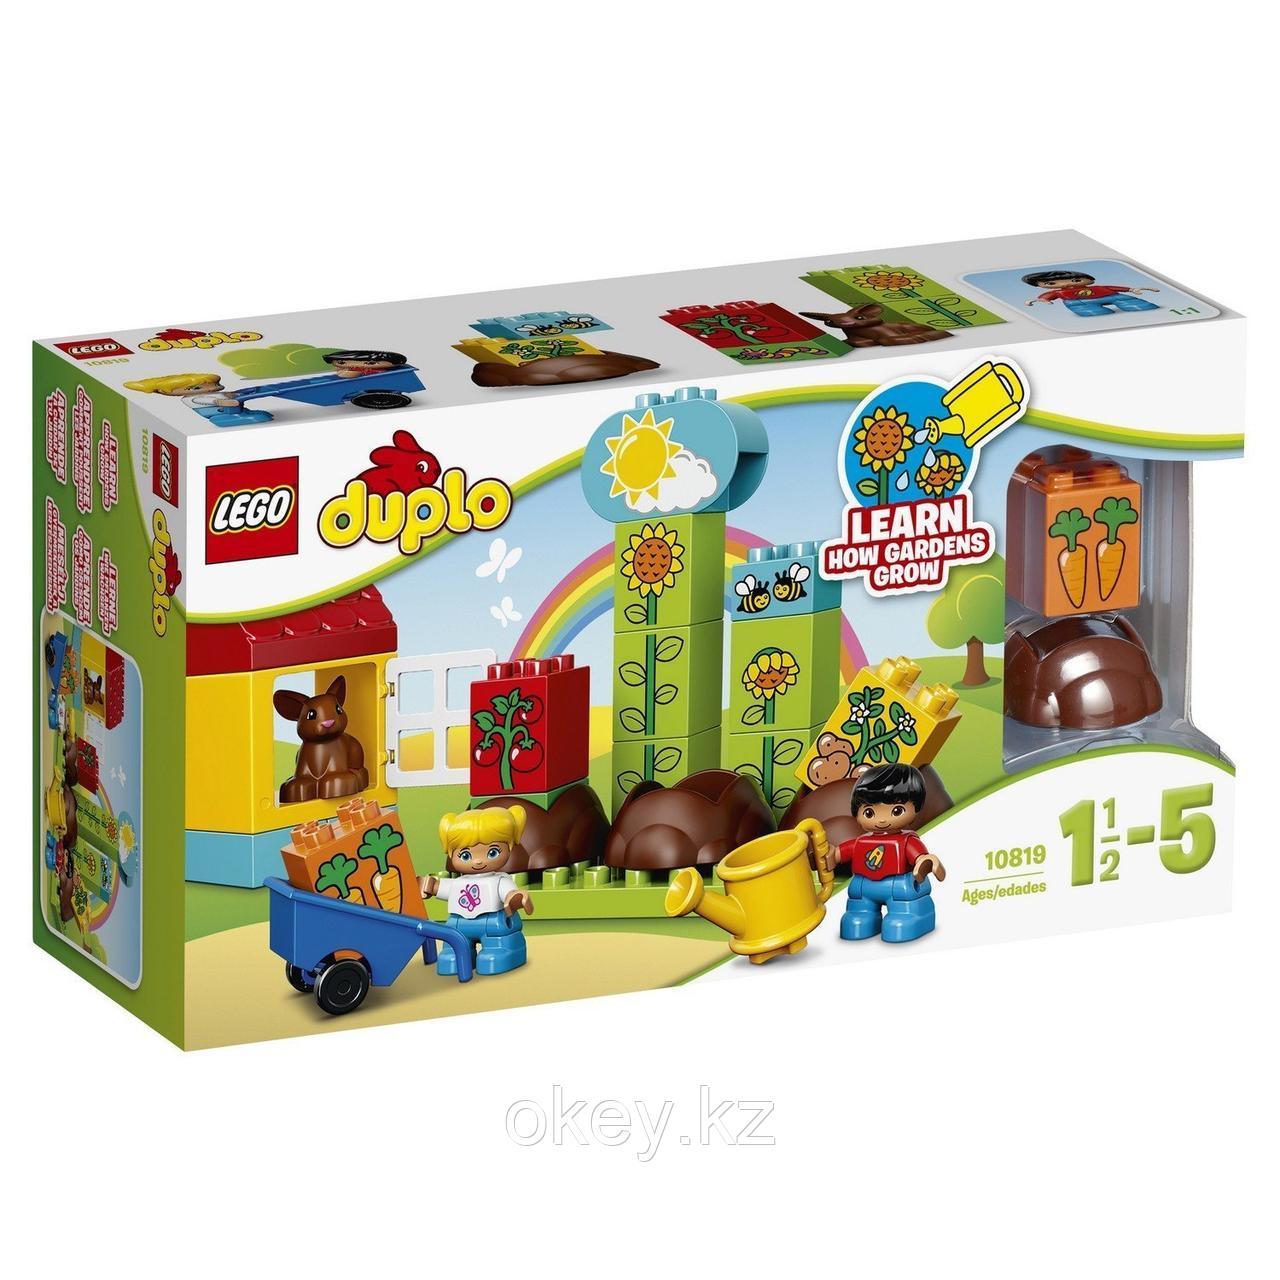 LEGO Duplo: Мой первый сад 10819